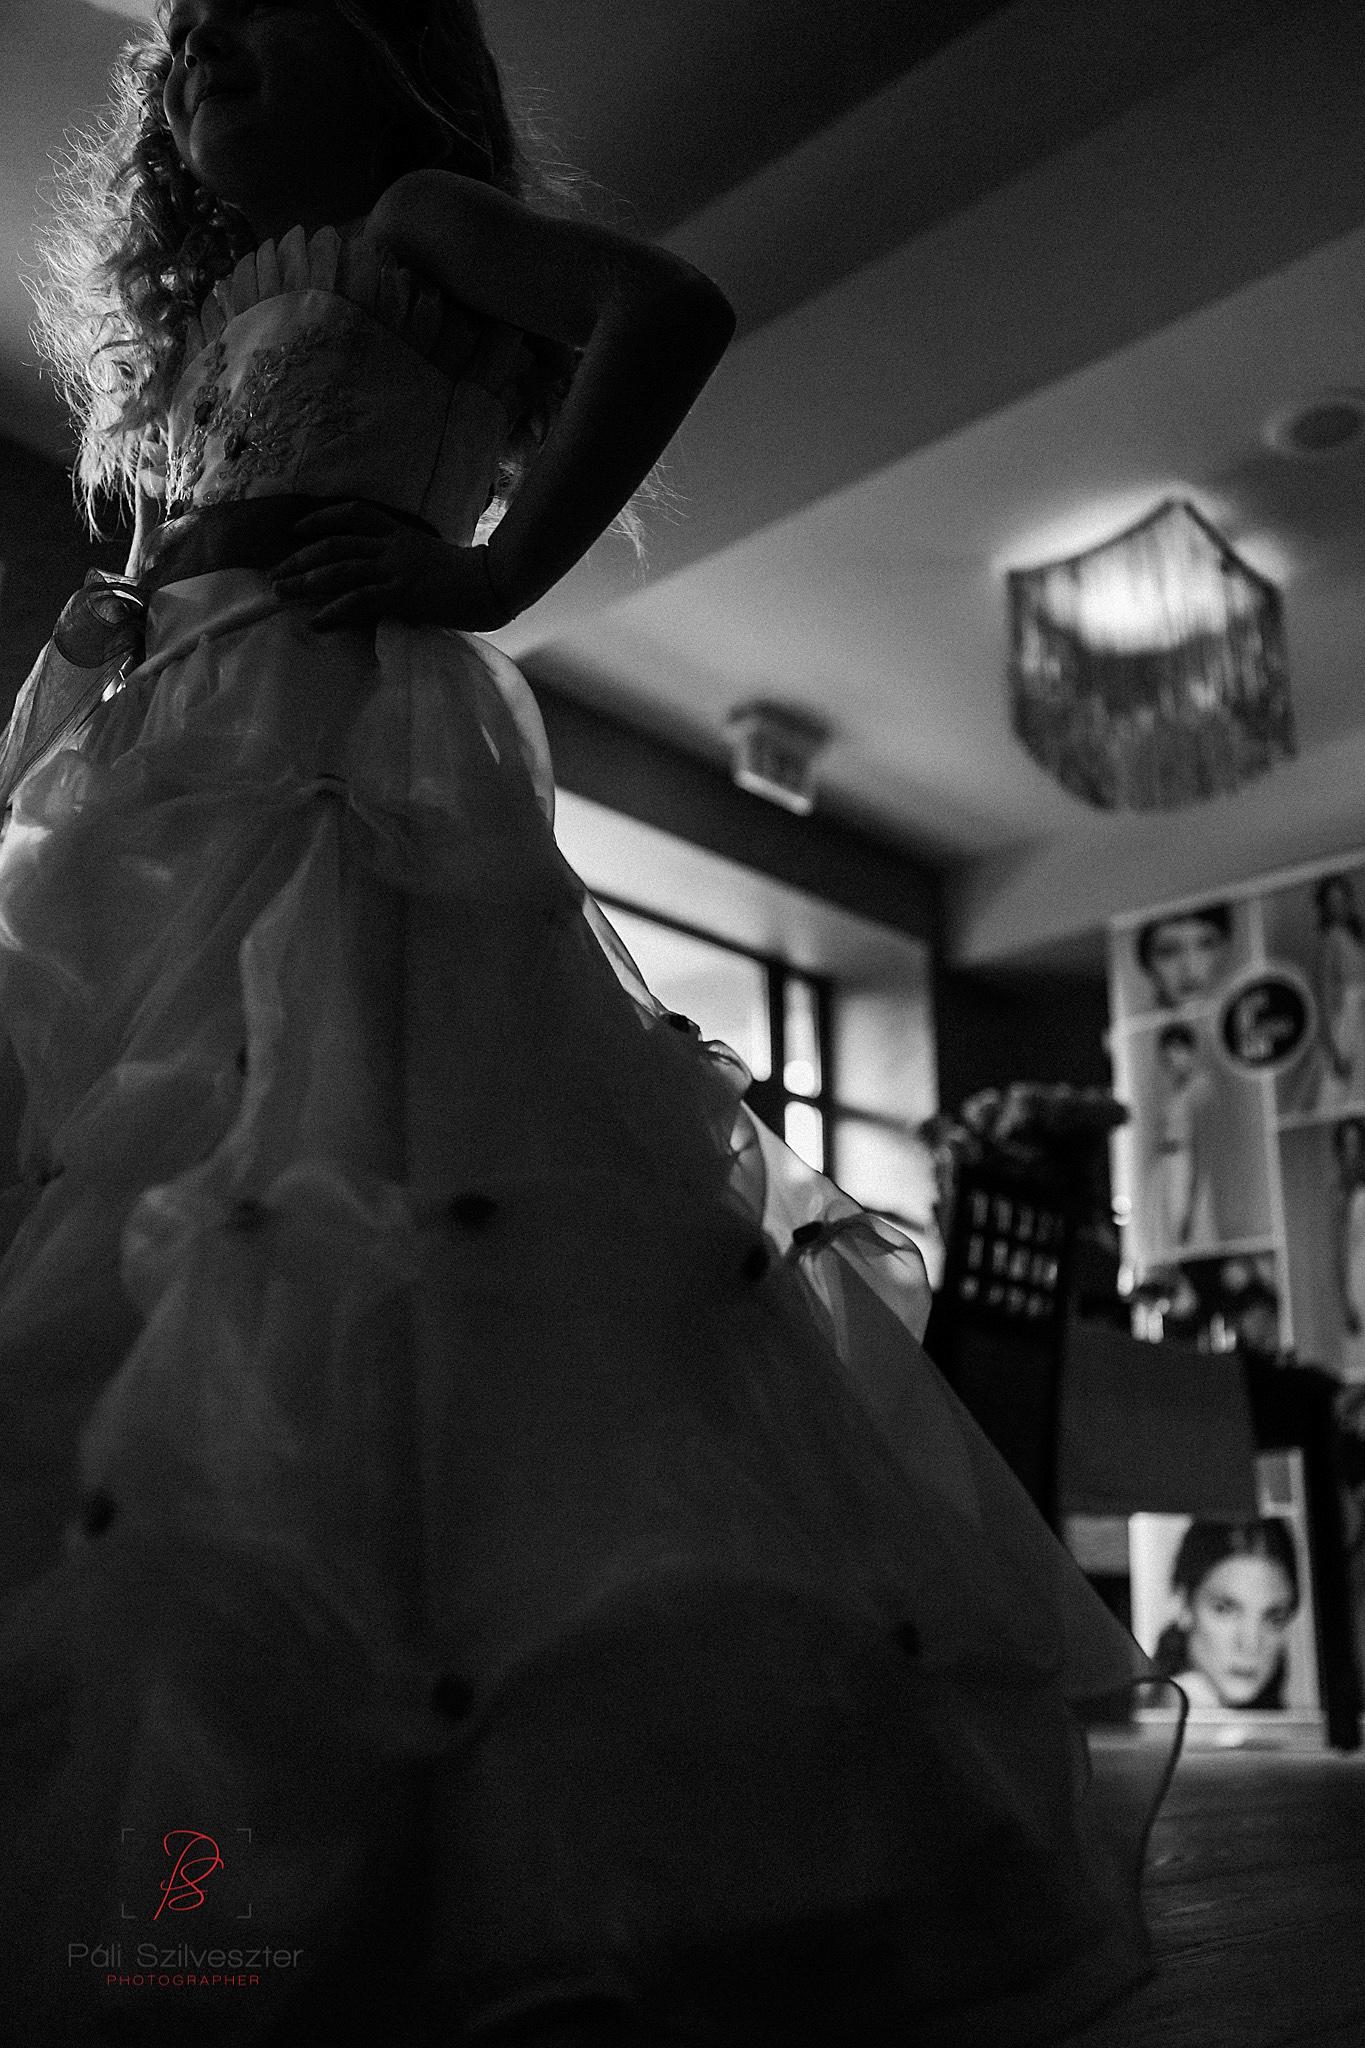 Páli-Szilveszter-székesfehérvári-esküvői-fotós-siófok-2016-02-28-1731.jpg